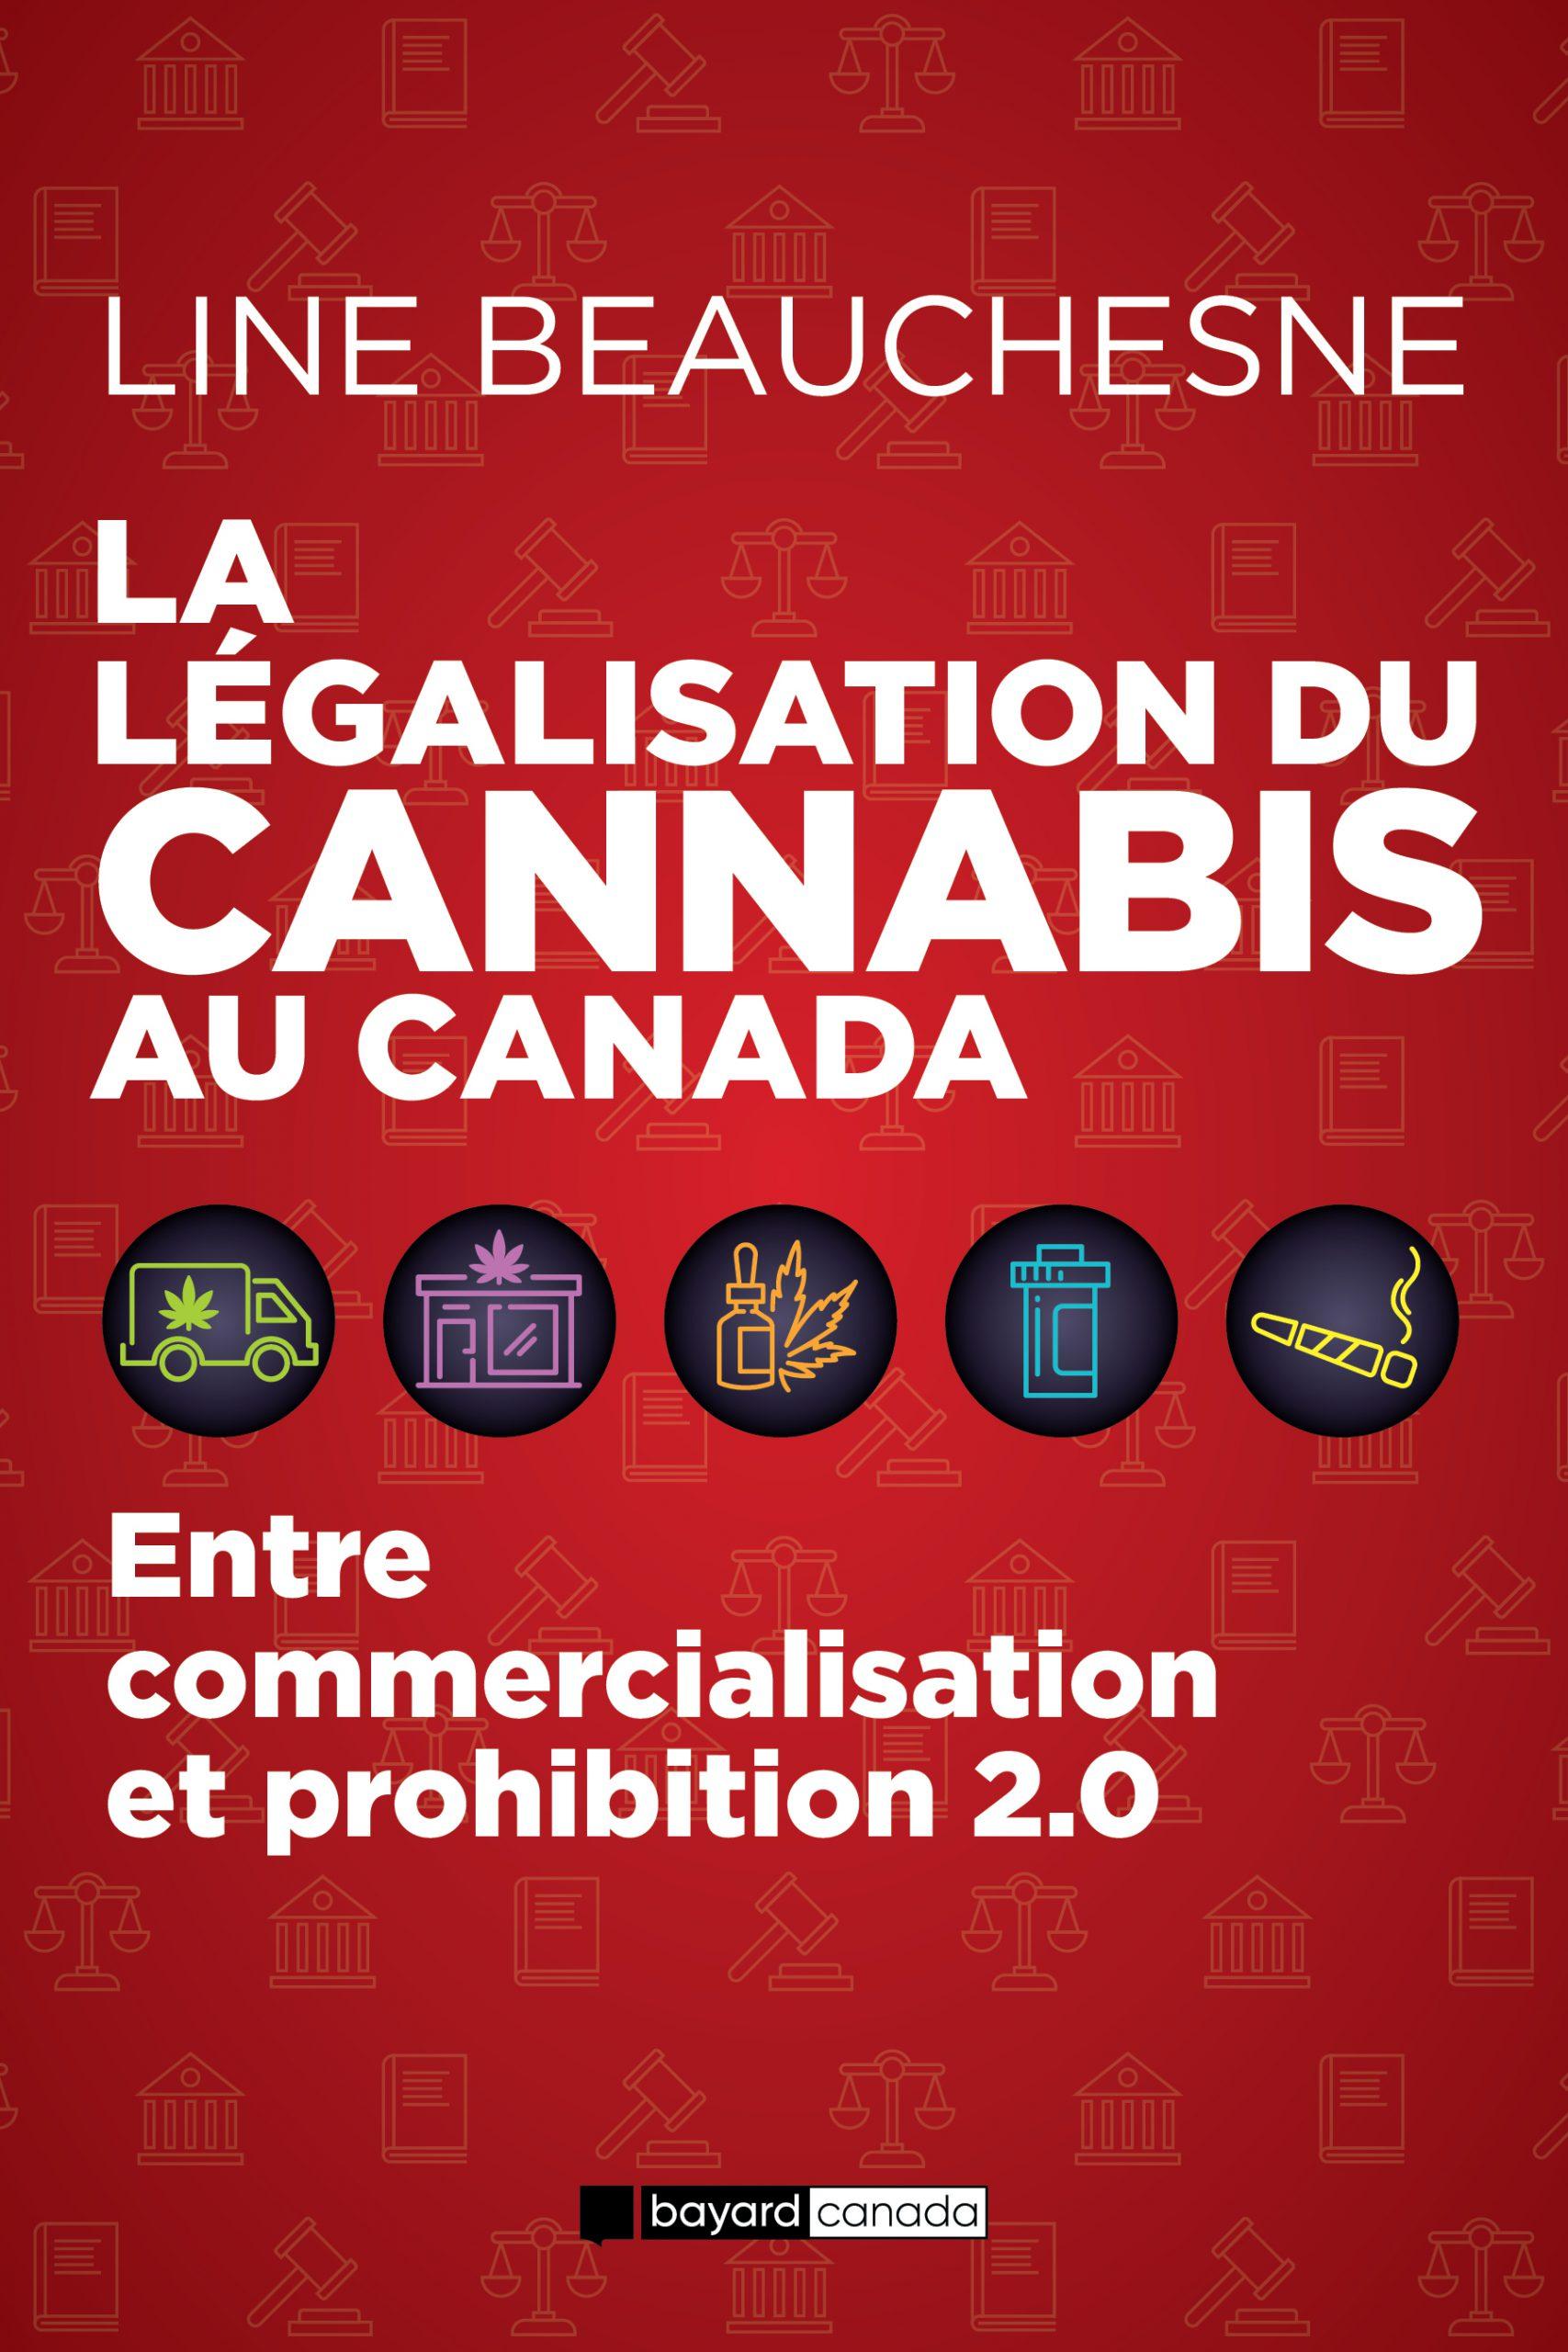 La légalisation du cannabis au Canada : Entre commercialisation et prohibition 2.0